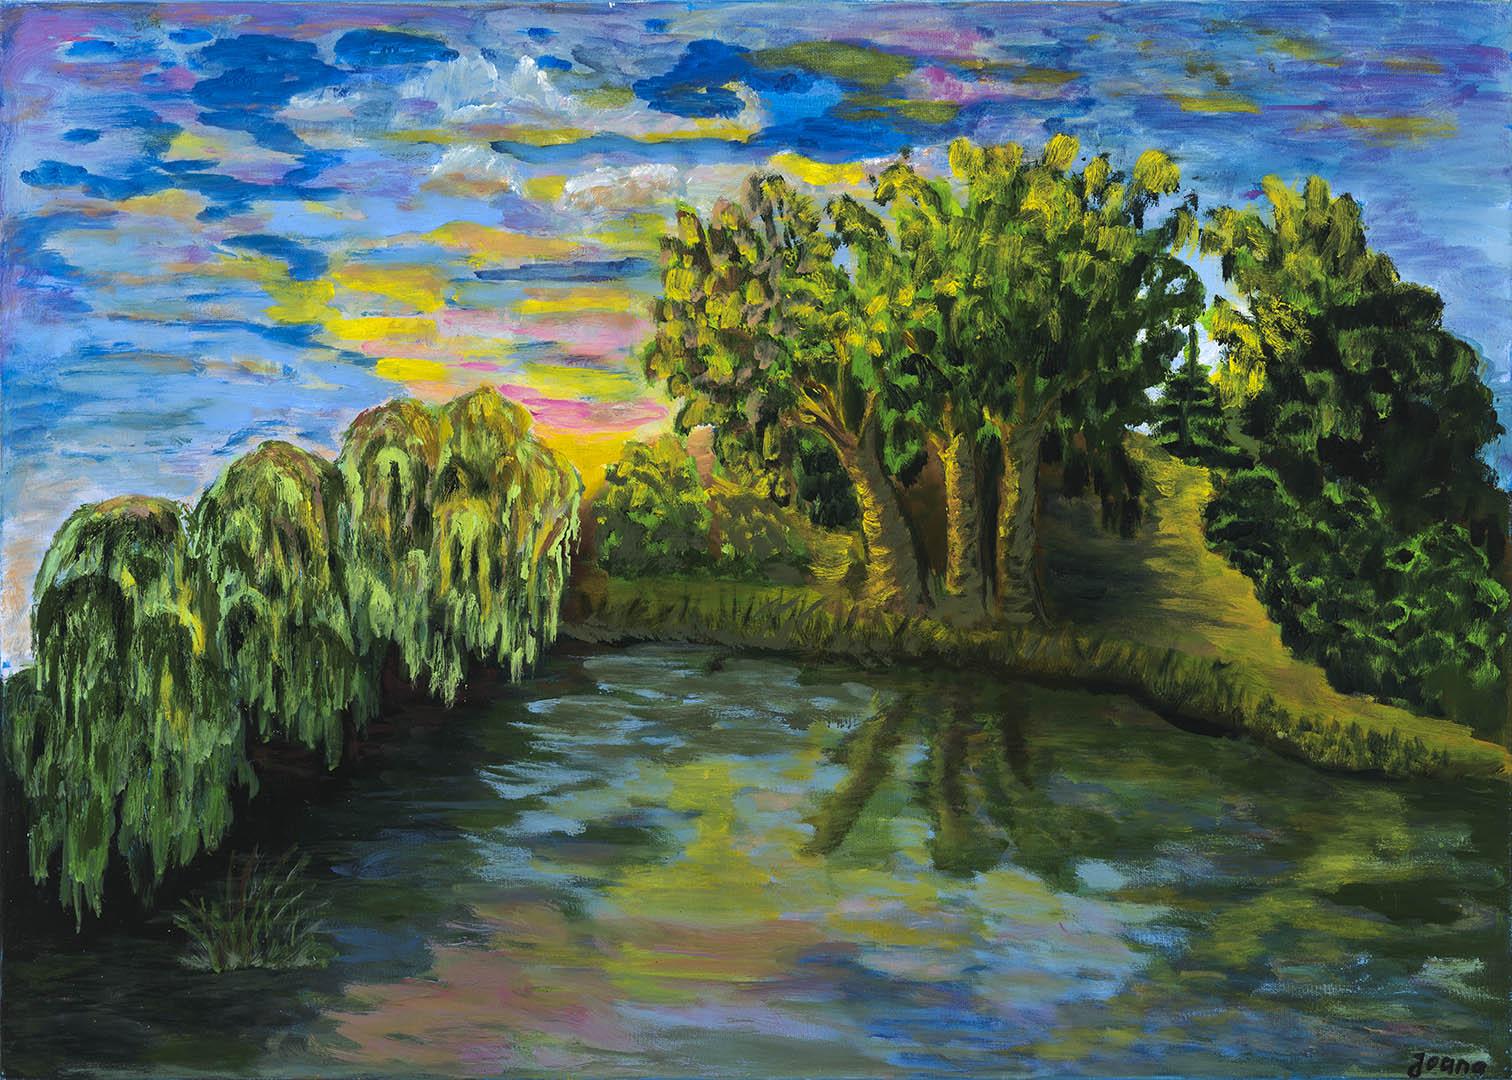 """Joana Zinkevičienė. """"Saulėtekis prie Vievio ežero"""", 2020 m. Drobė, aliejus; 50 x 70 cm (Rėmėjų premija)"""